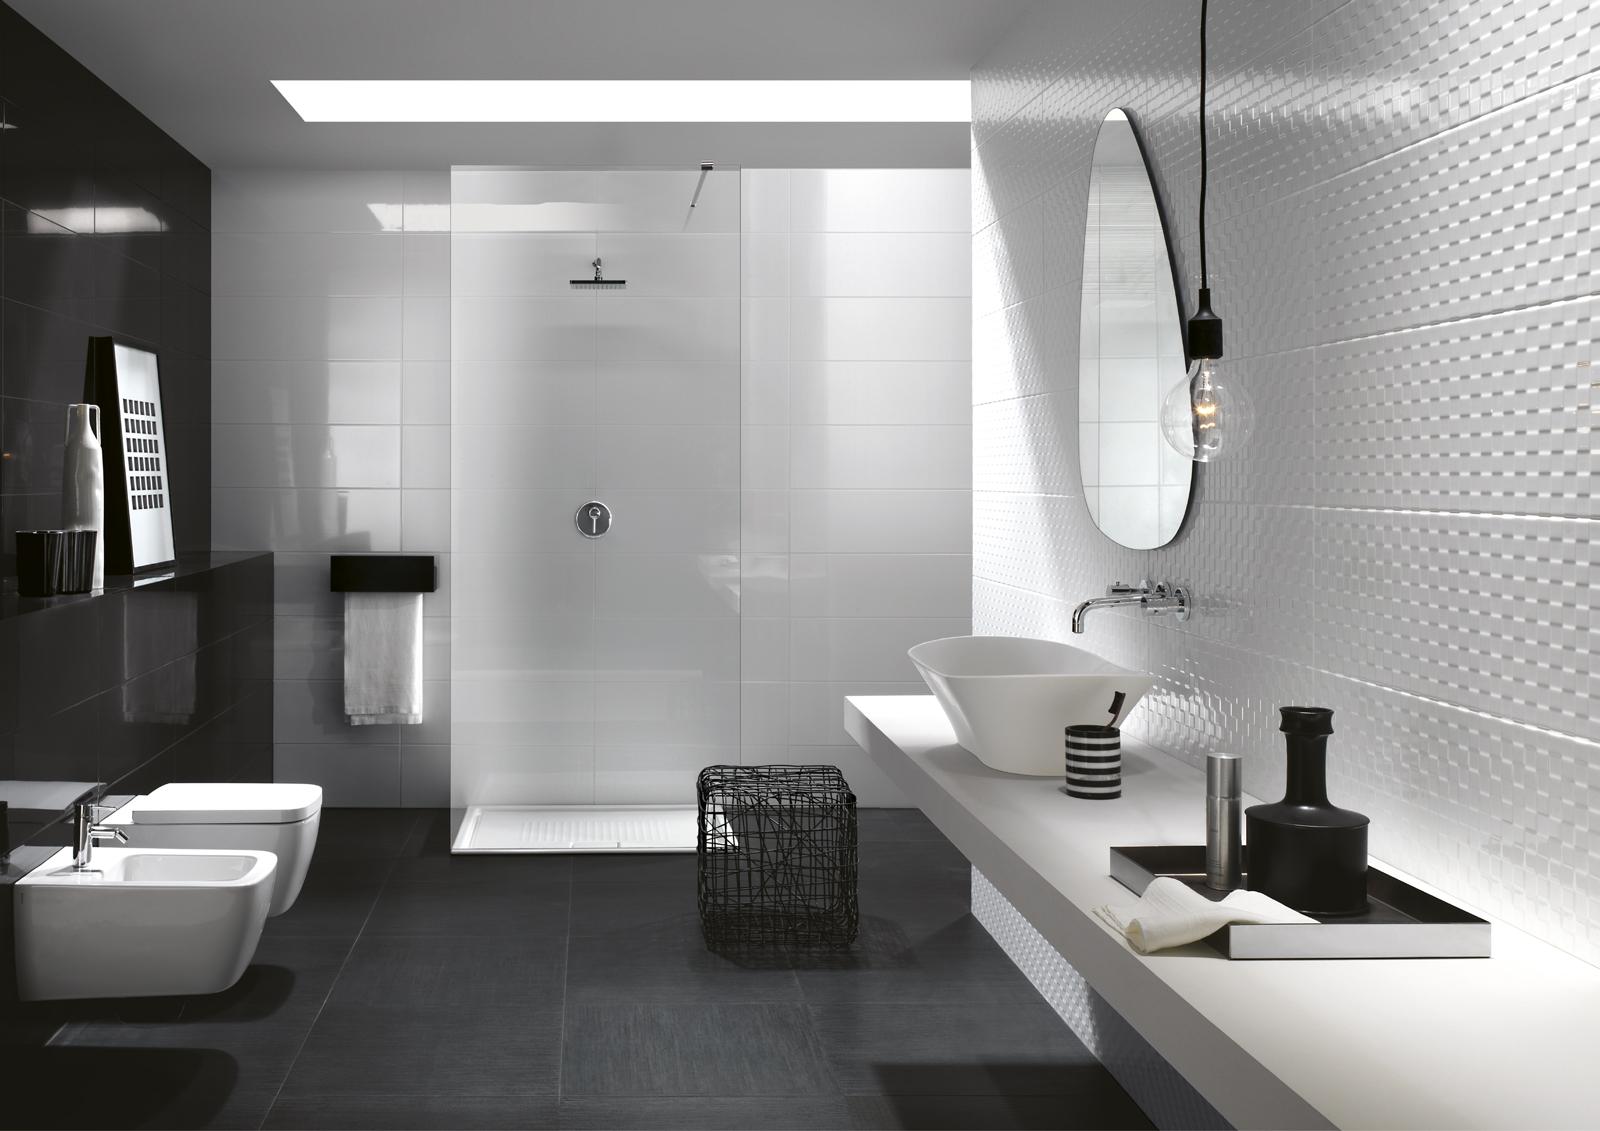 Bagno Moderno Parquet ~ avienix.com for .